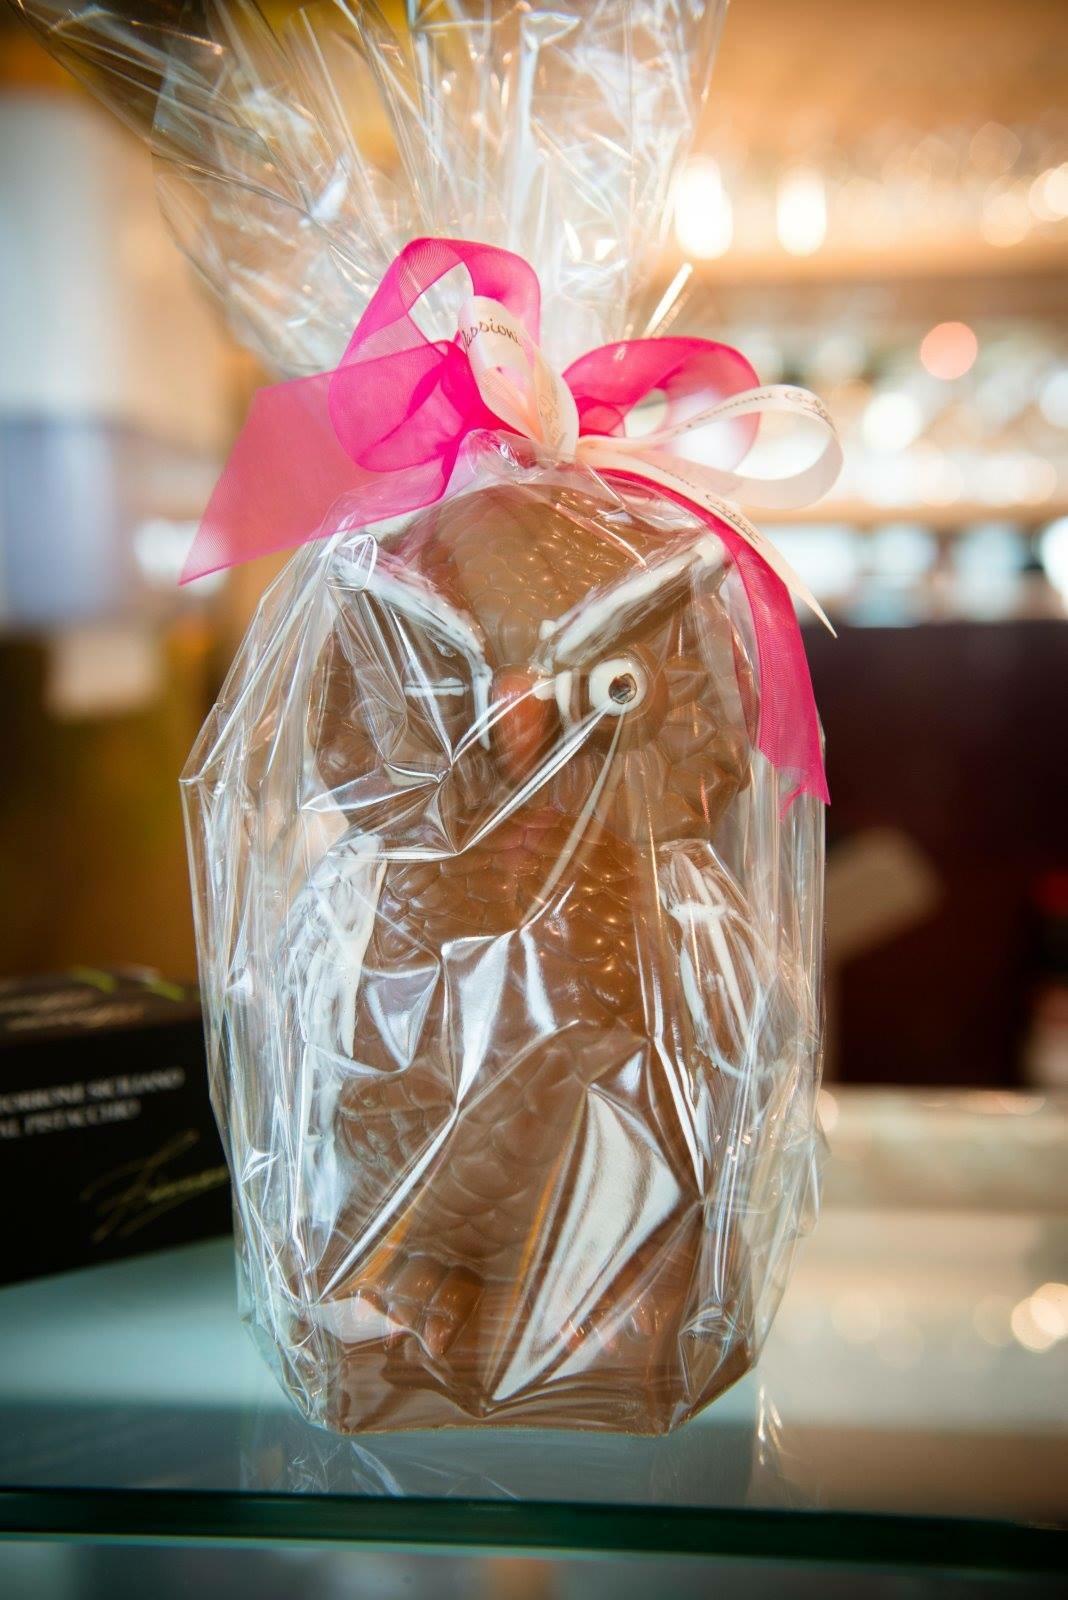 Gufetti di cioccoata artigianale